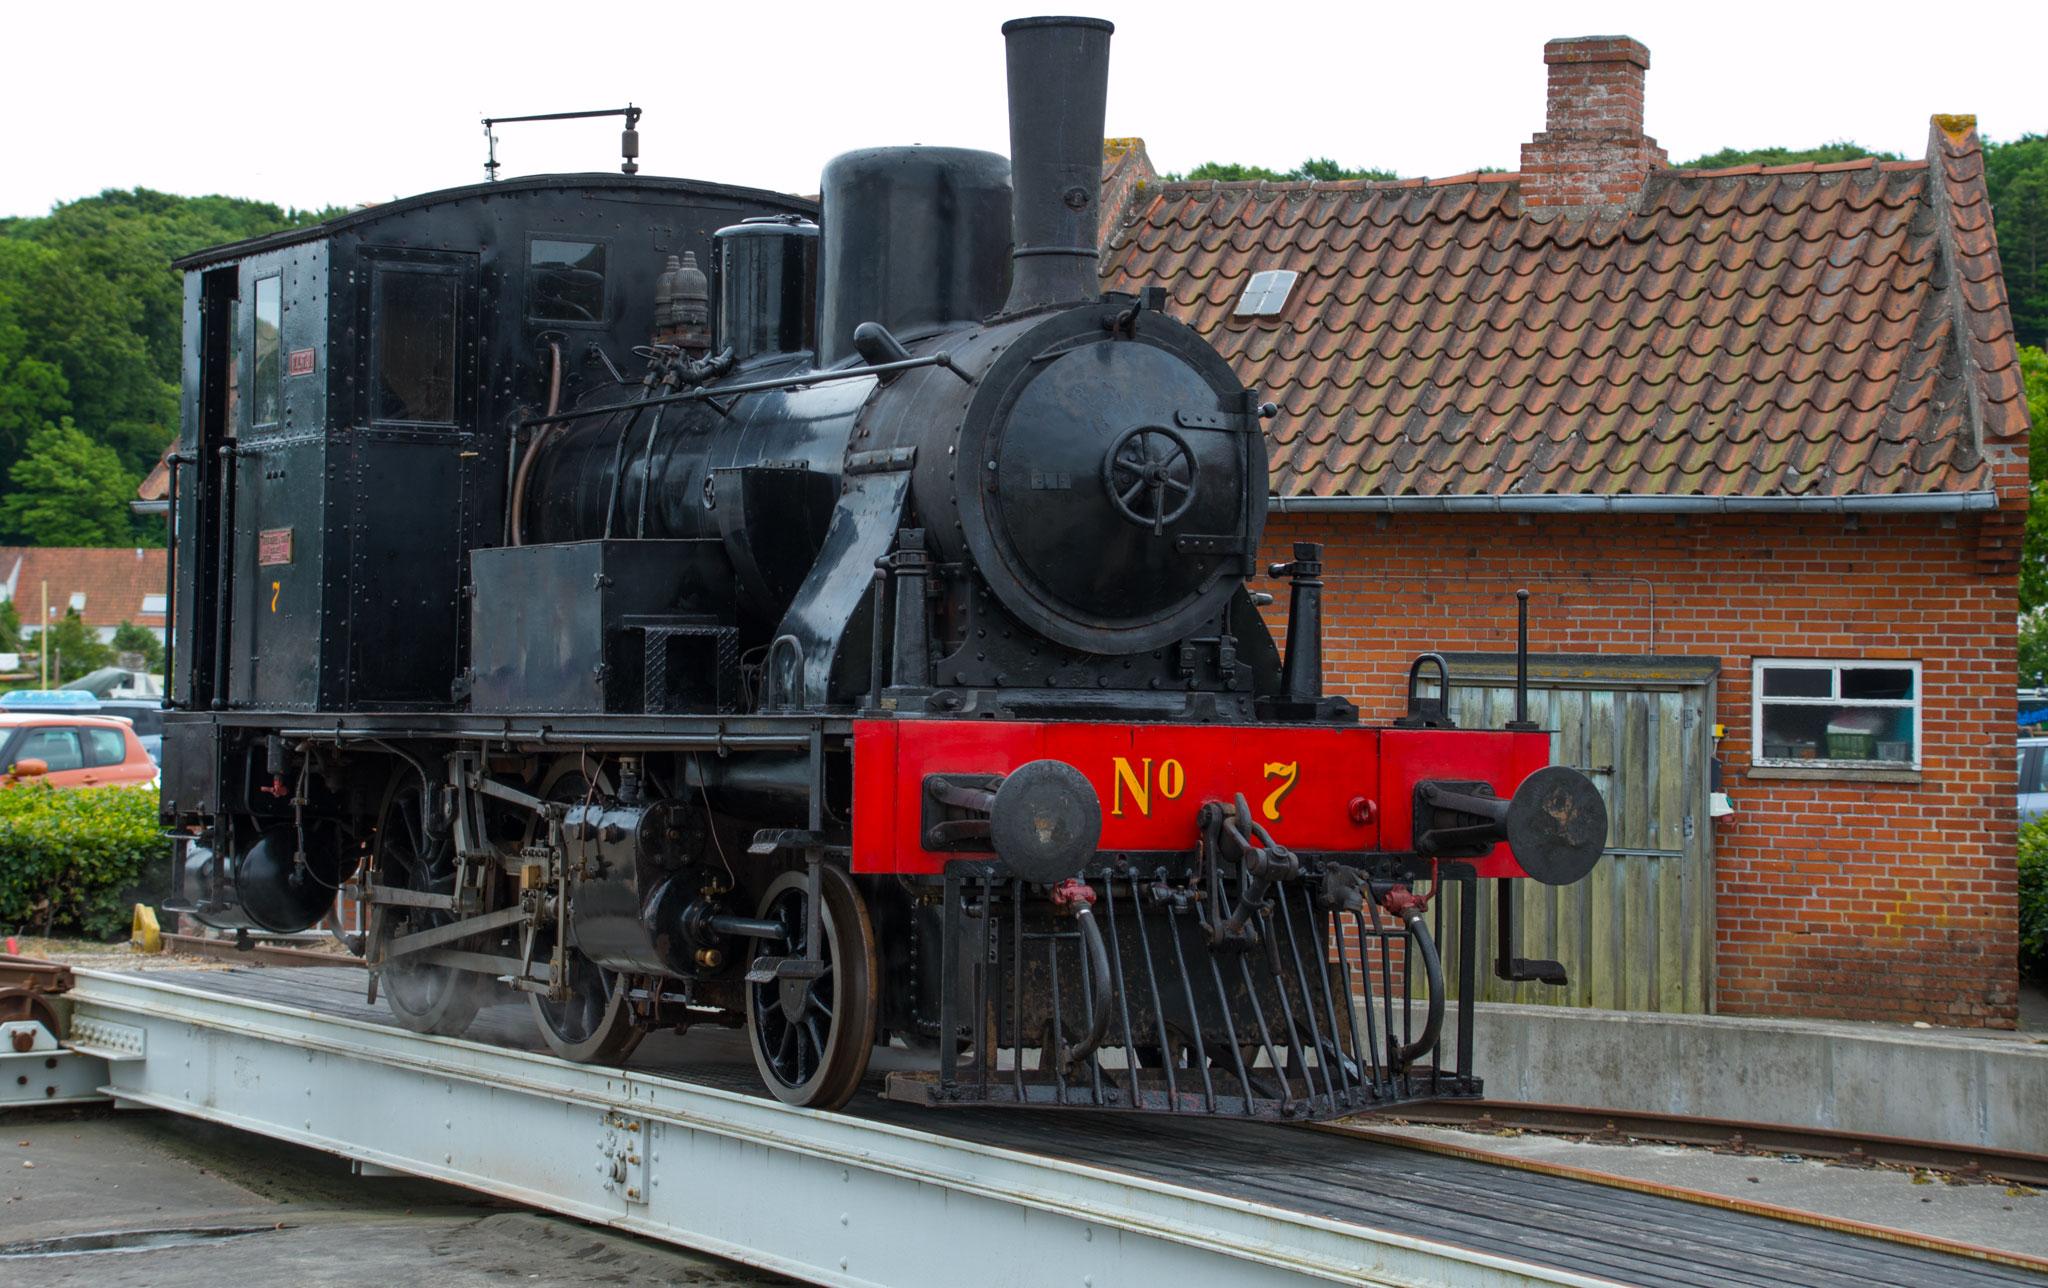 Det tyskbyggede Henschel-loko VLTJ No 7 fremvises på drejeskiven i Mariager